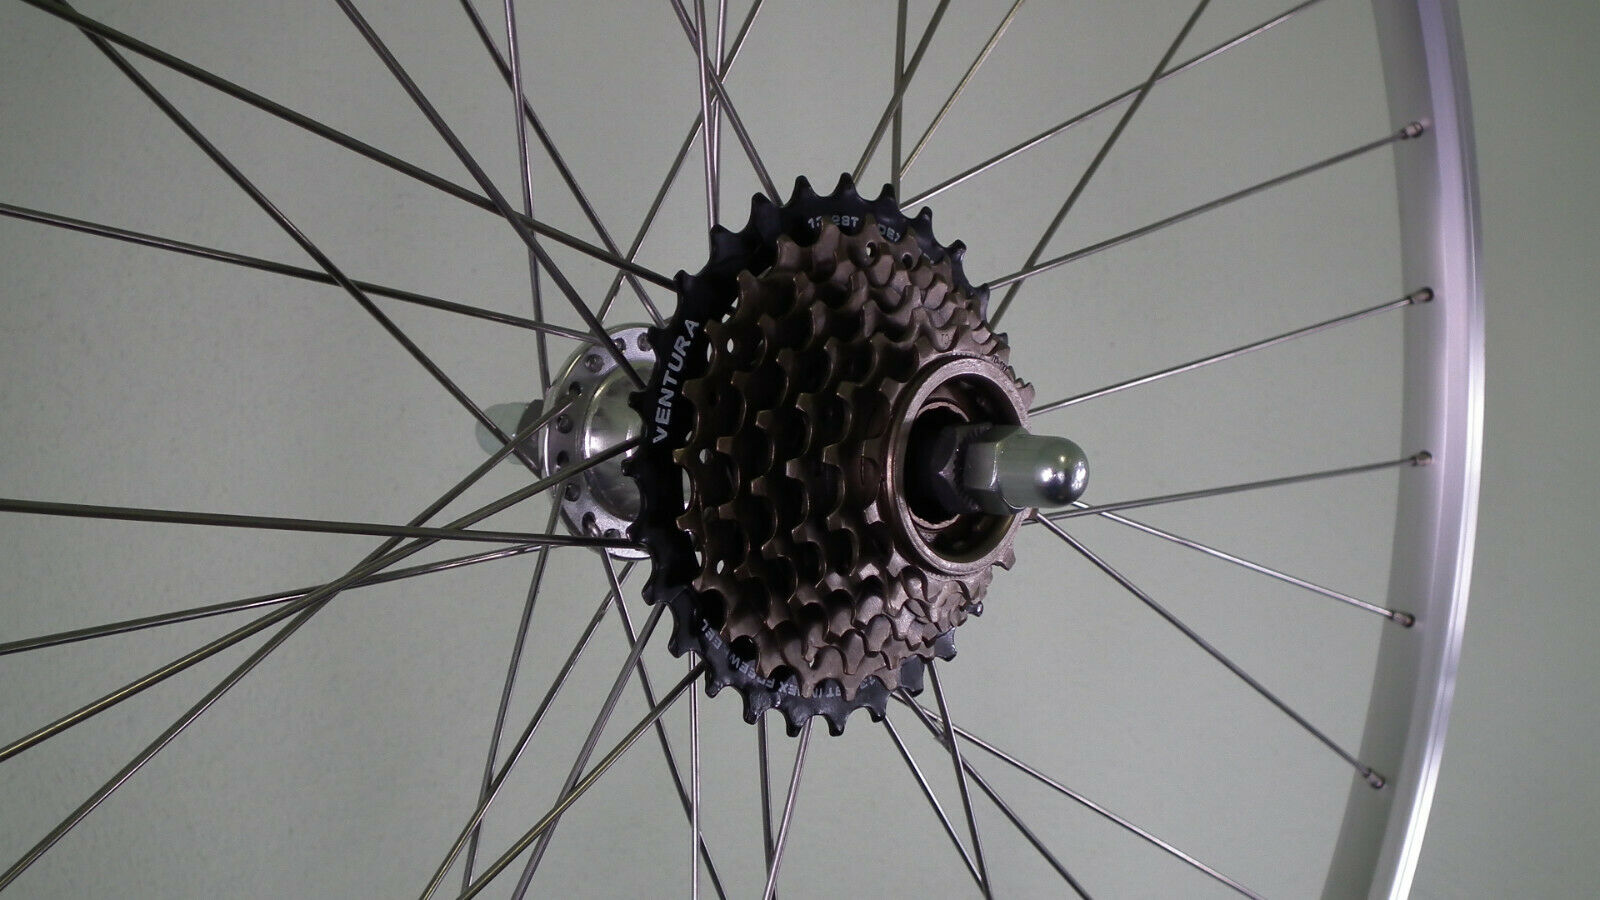 28 Zoll Hinterrad Alu Kastenfelge  mit Schraubkranz 7fach montiert 622-19 silver